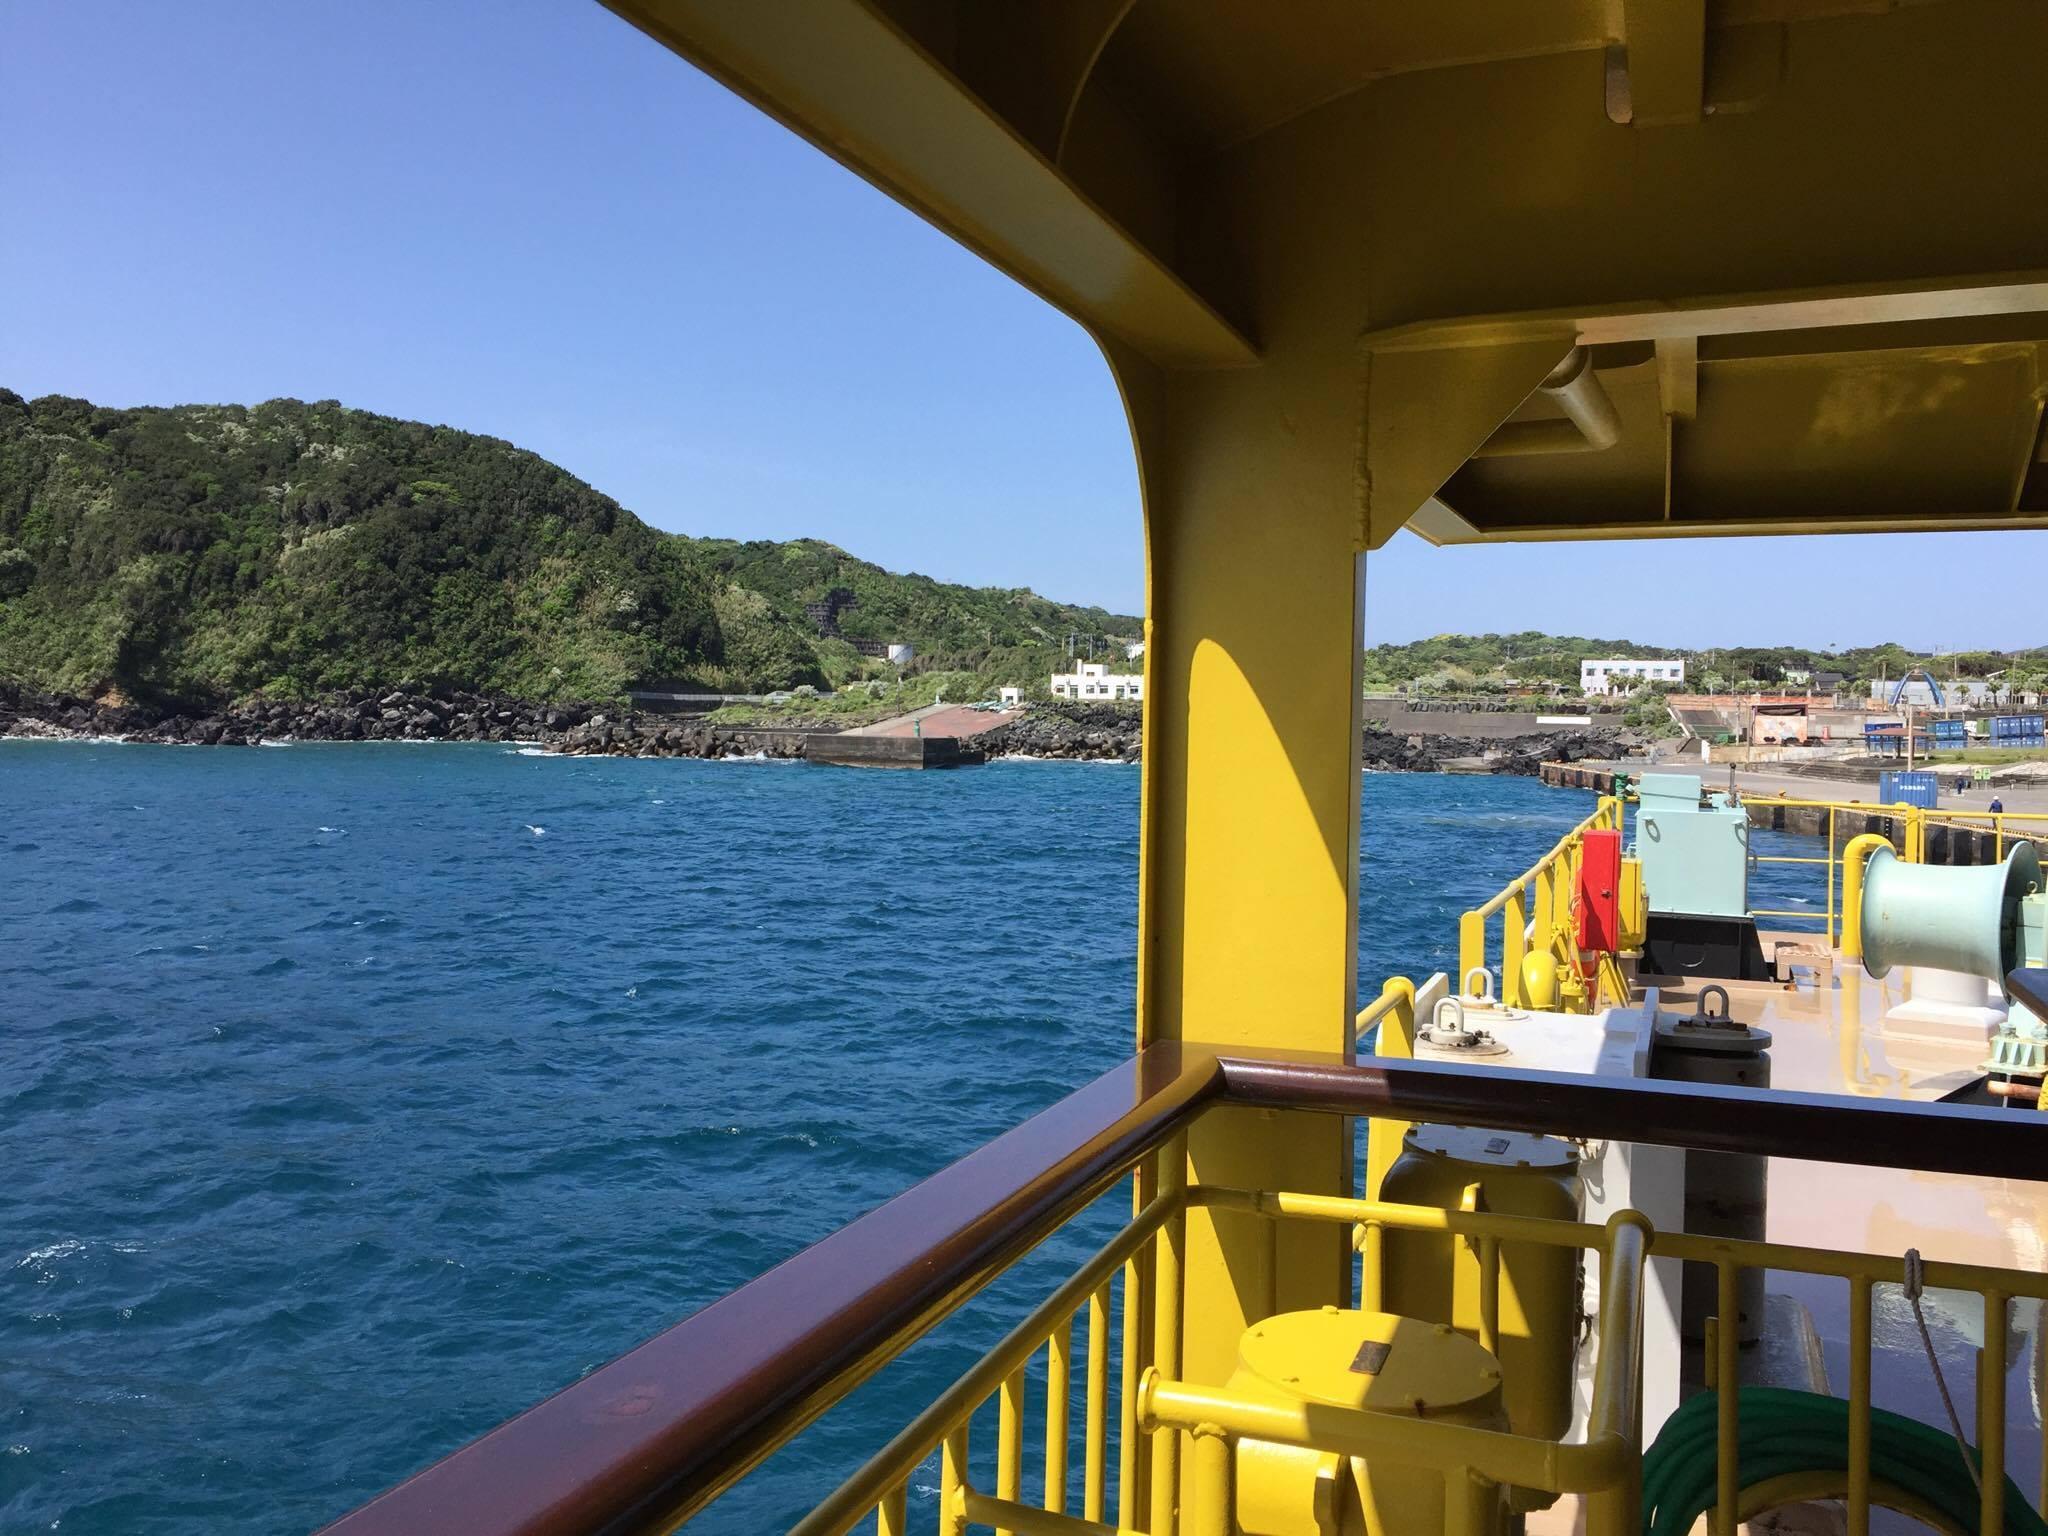 大型客船橘丸から望む八丈島 青ヶ島にアクセスするにはこの船で品川から10時間以上かけて八丈島到着したのち、船を乗り換えてさらに約3時間かかる